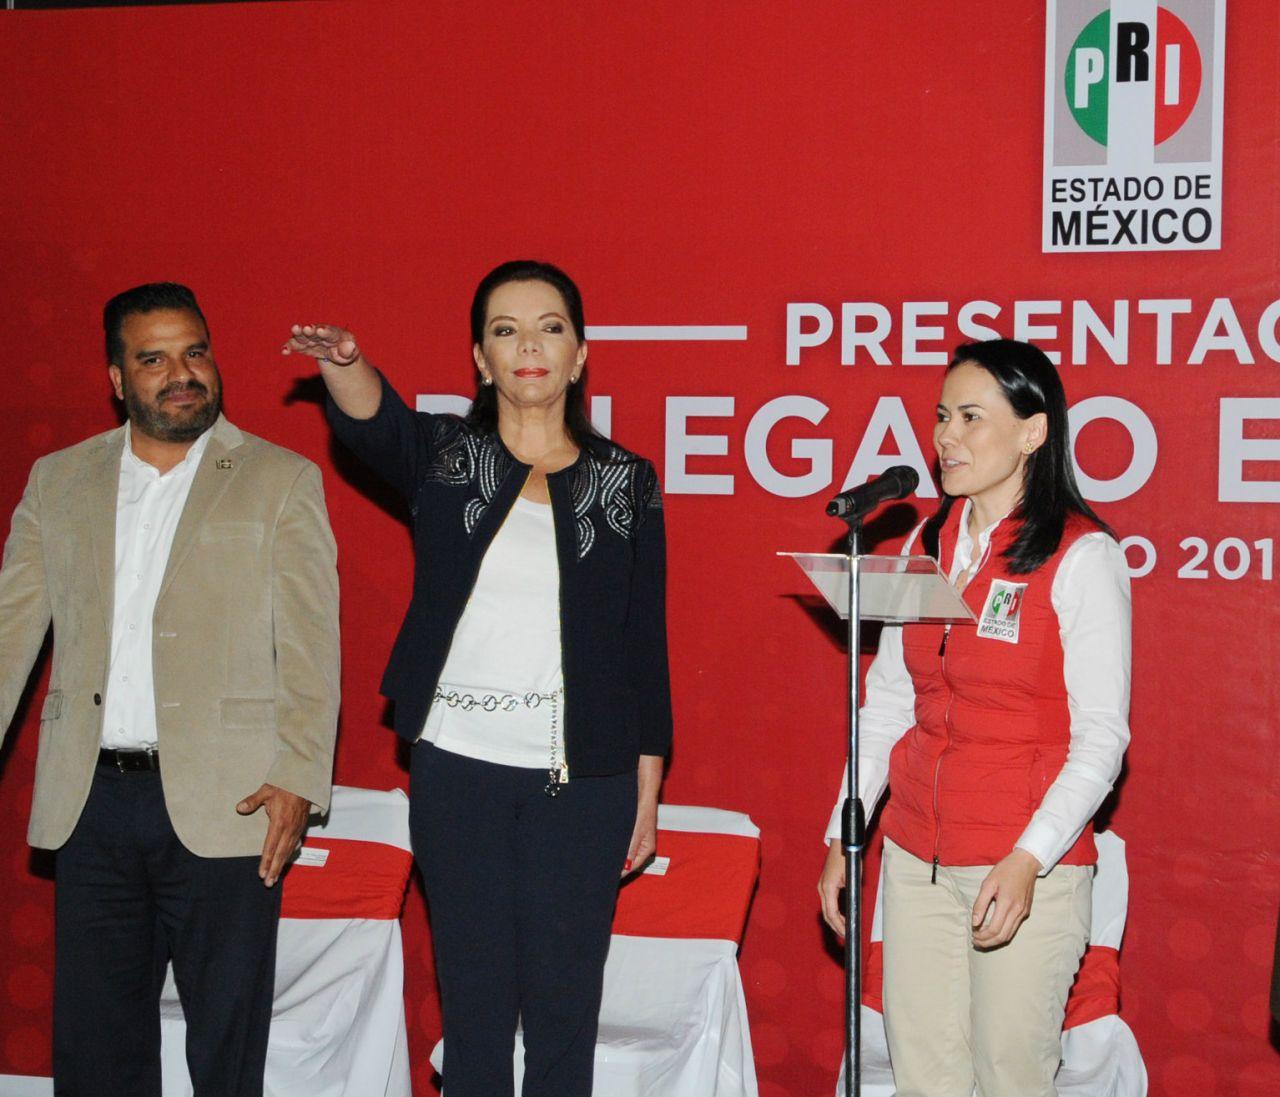 El PRI, en unidad, con responsabilidad y convicción, listo para proceso electoral: Alejandra Del Moral